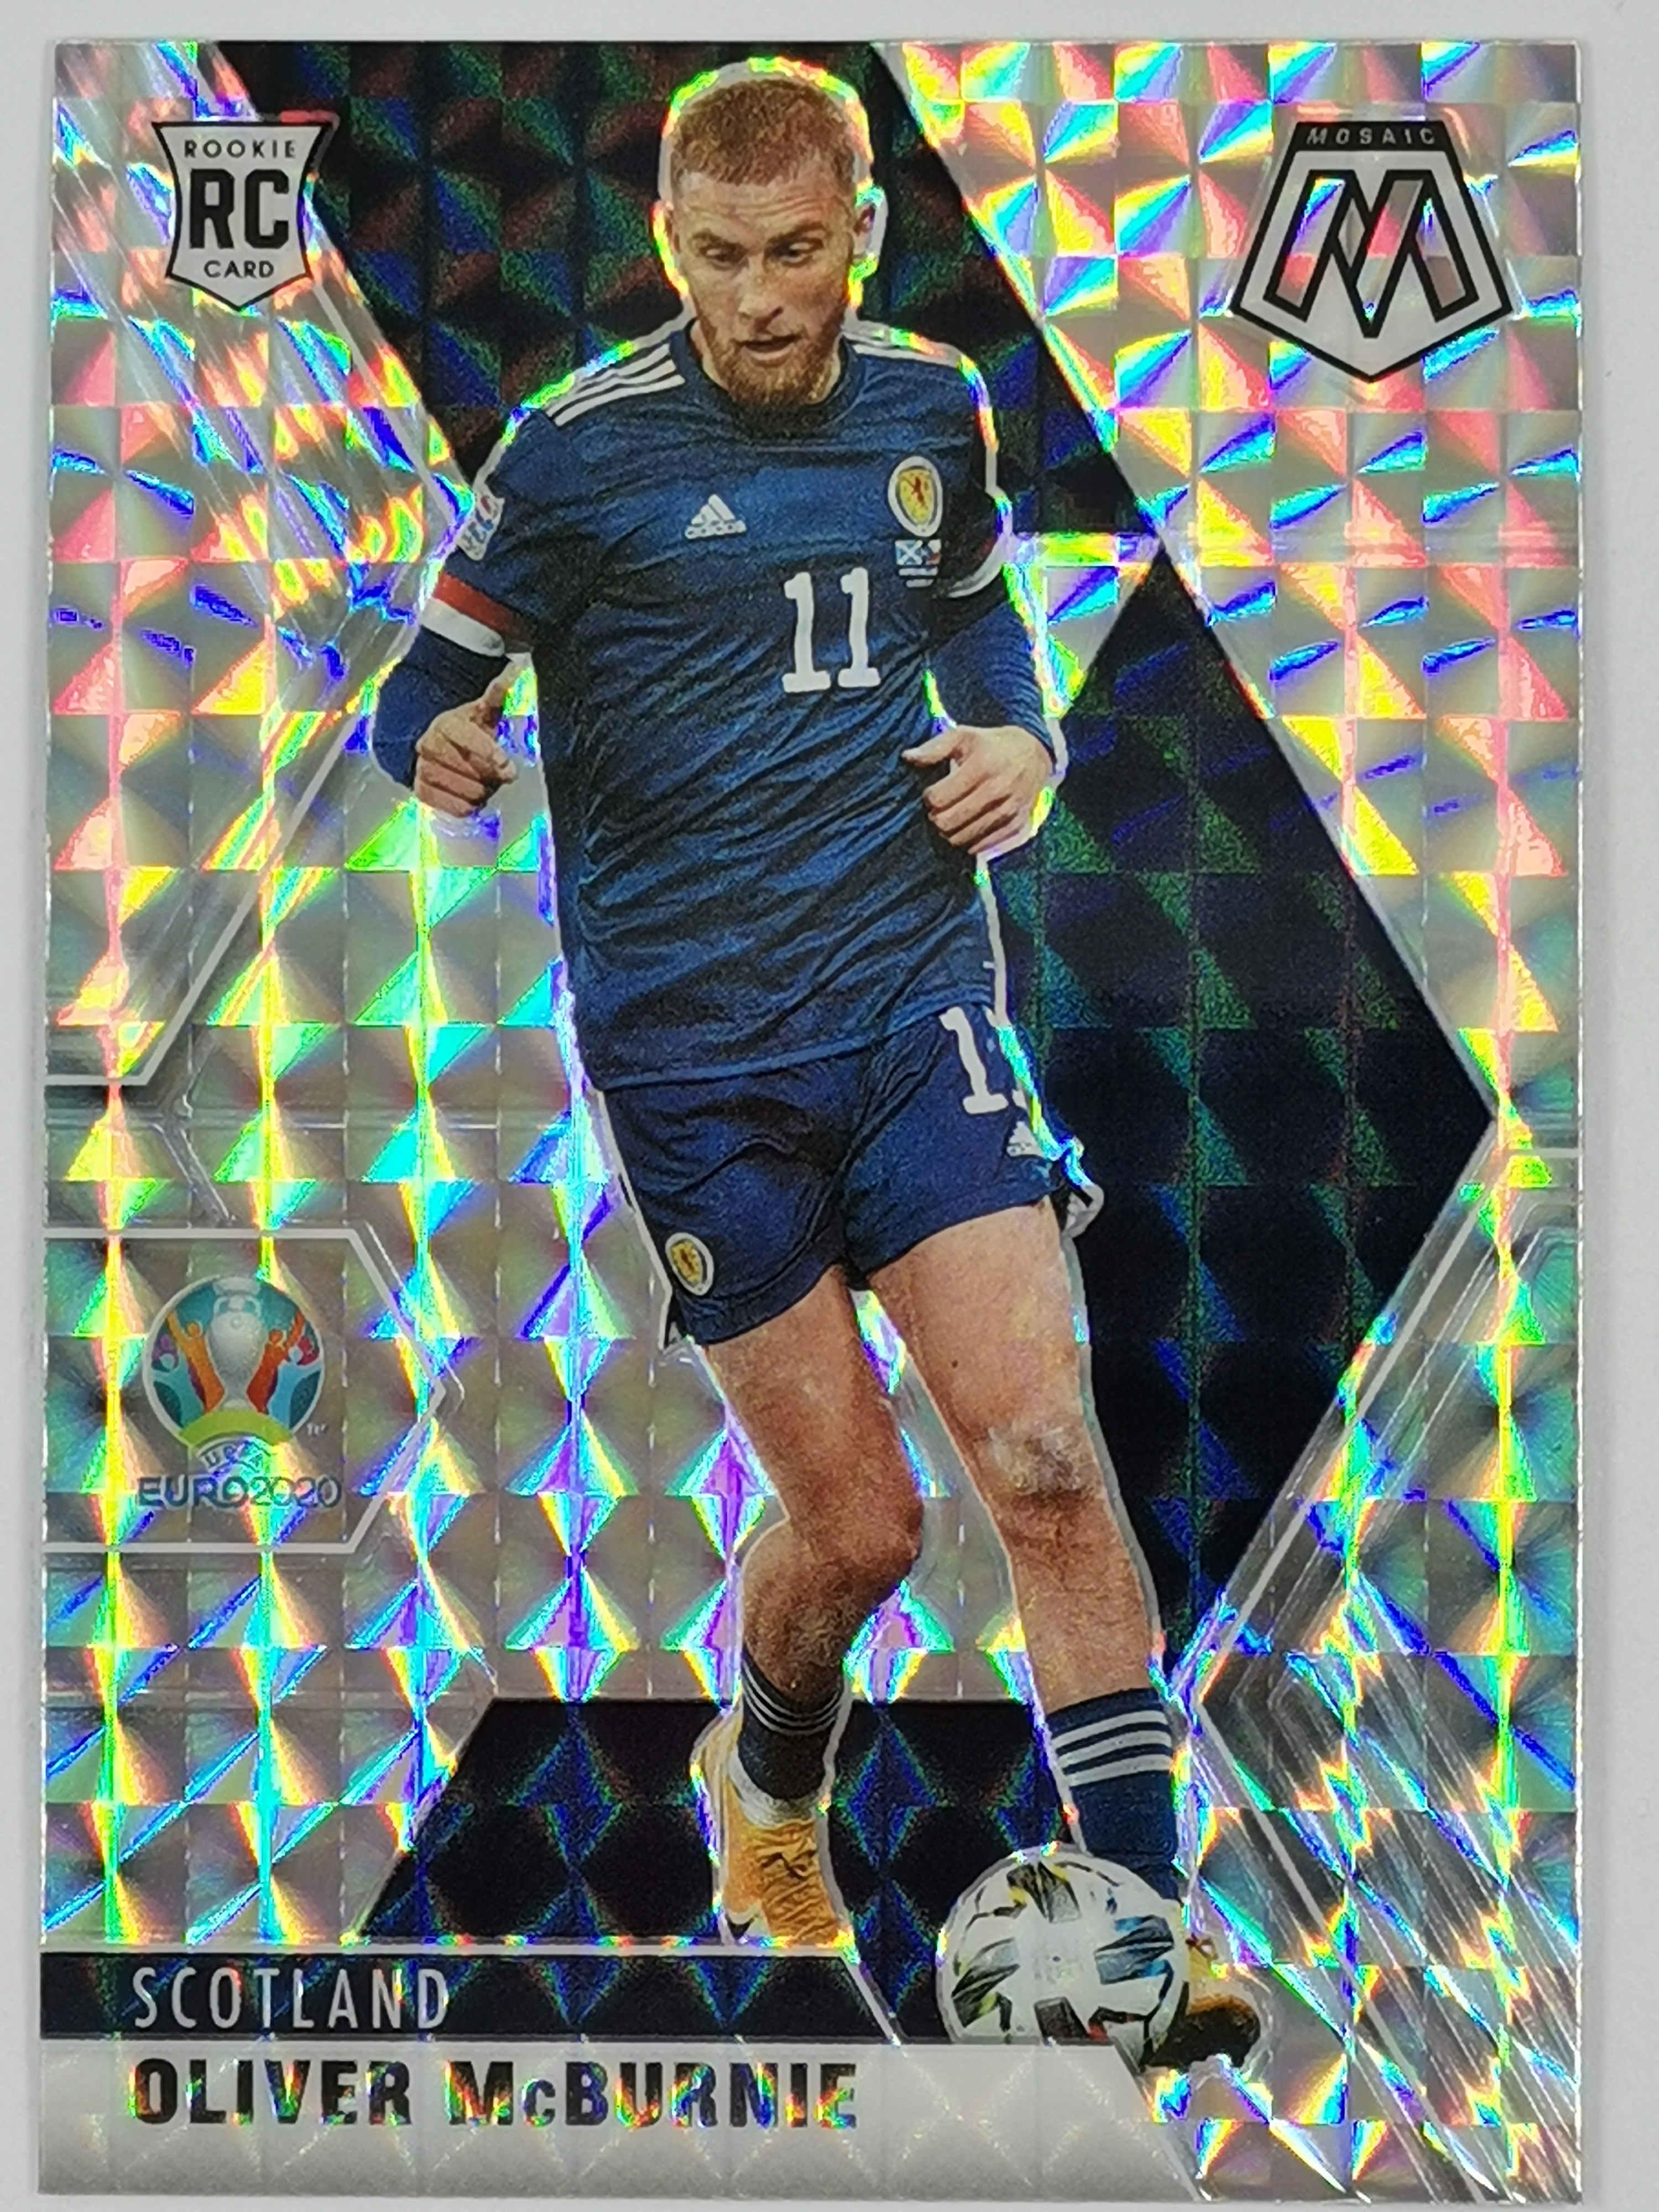 【起名太难】2021 Panini 欧洲杯马赛克 球星卡 麦克伯尼 Oliver McBurnie 苏格兰 Base 马赛克折 无编 NO.78 普卡